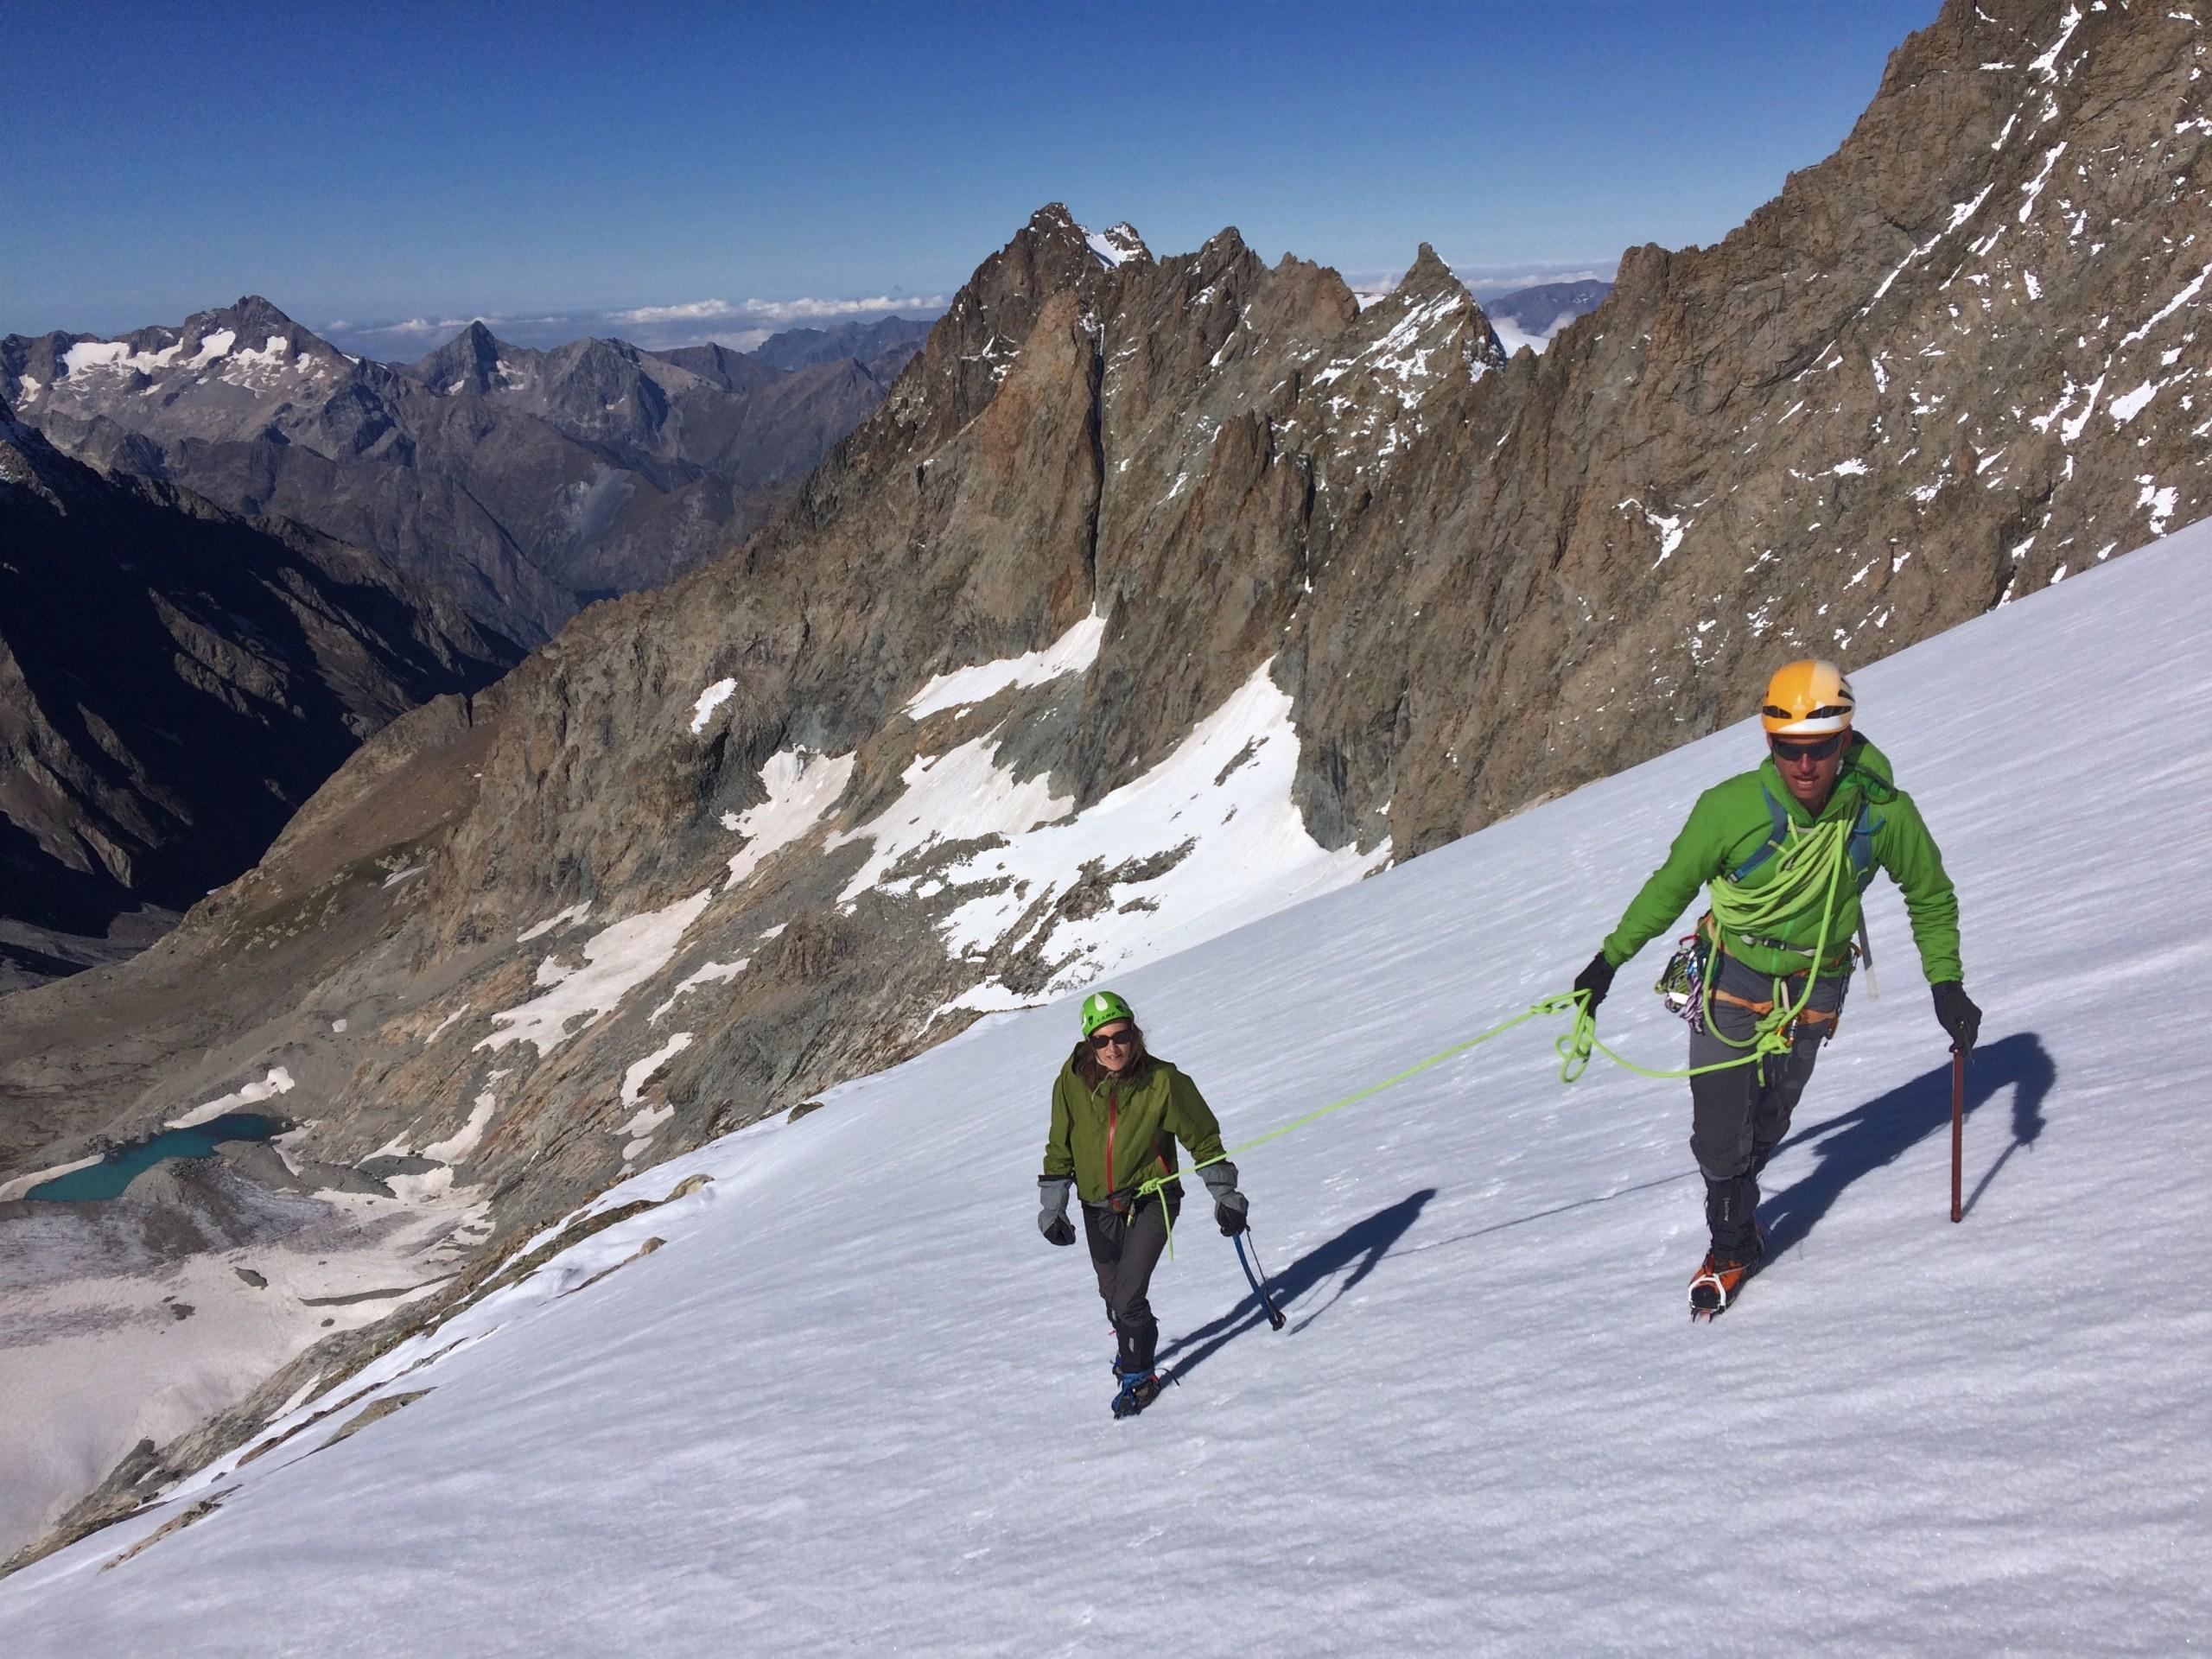 Dans le spentes de neige à l'approche du sommet du Râteau Est par son arête Sud